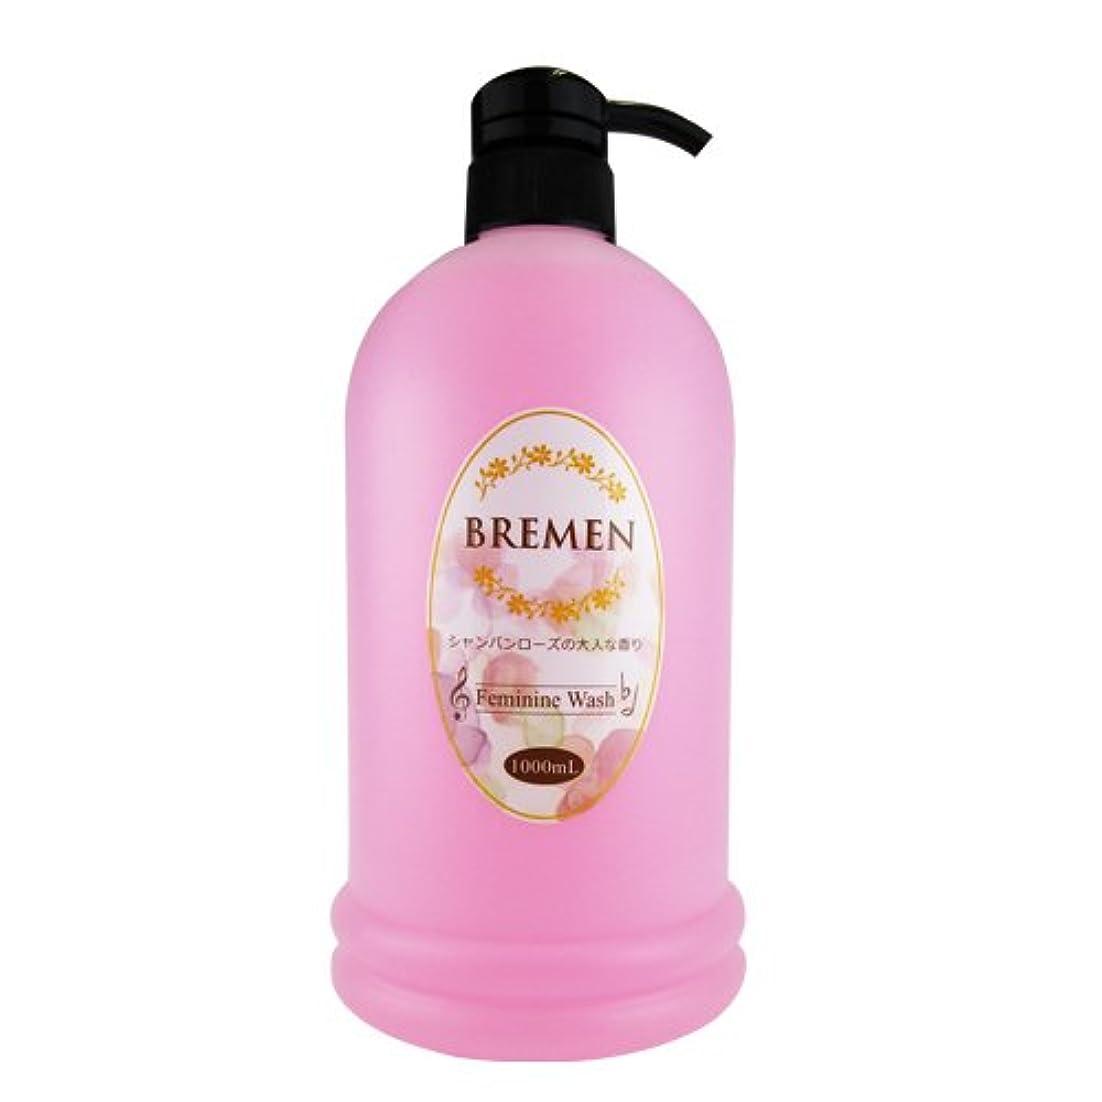 休み疼痛健全ブレーメン(BREMEN) フェミニンウォッシュ(Feminine Wash) 1000ml シャンパンローズの大人な香り